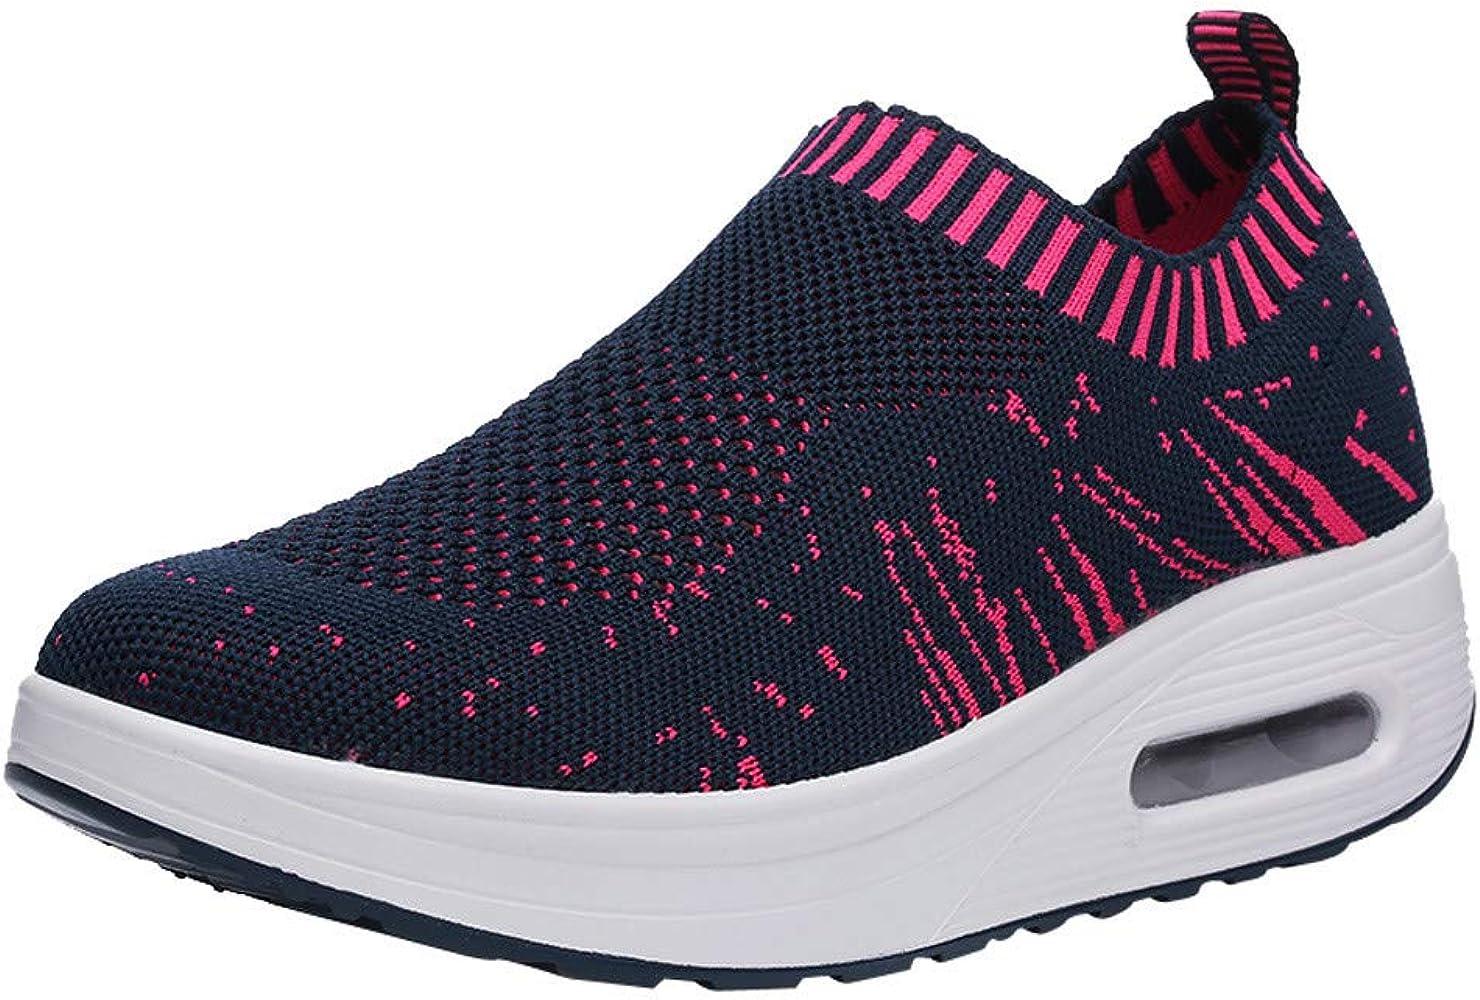 Zapatos Gym Running Verano Primavera otoño,ZARLLE Mujeres de Moda de Malla de Aumento de Zapatos Blandos Fondo de balancín Zapatos Zapatillas: Amazon.es: Ropa y ...